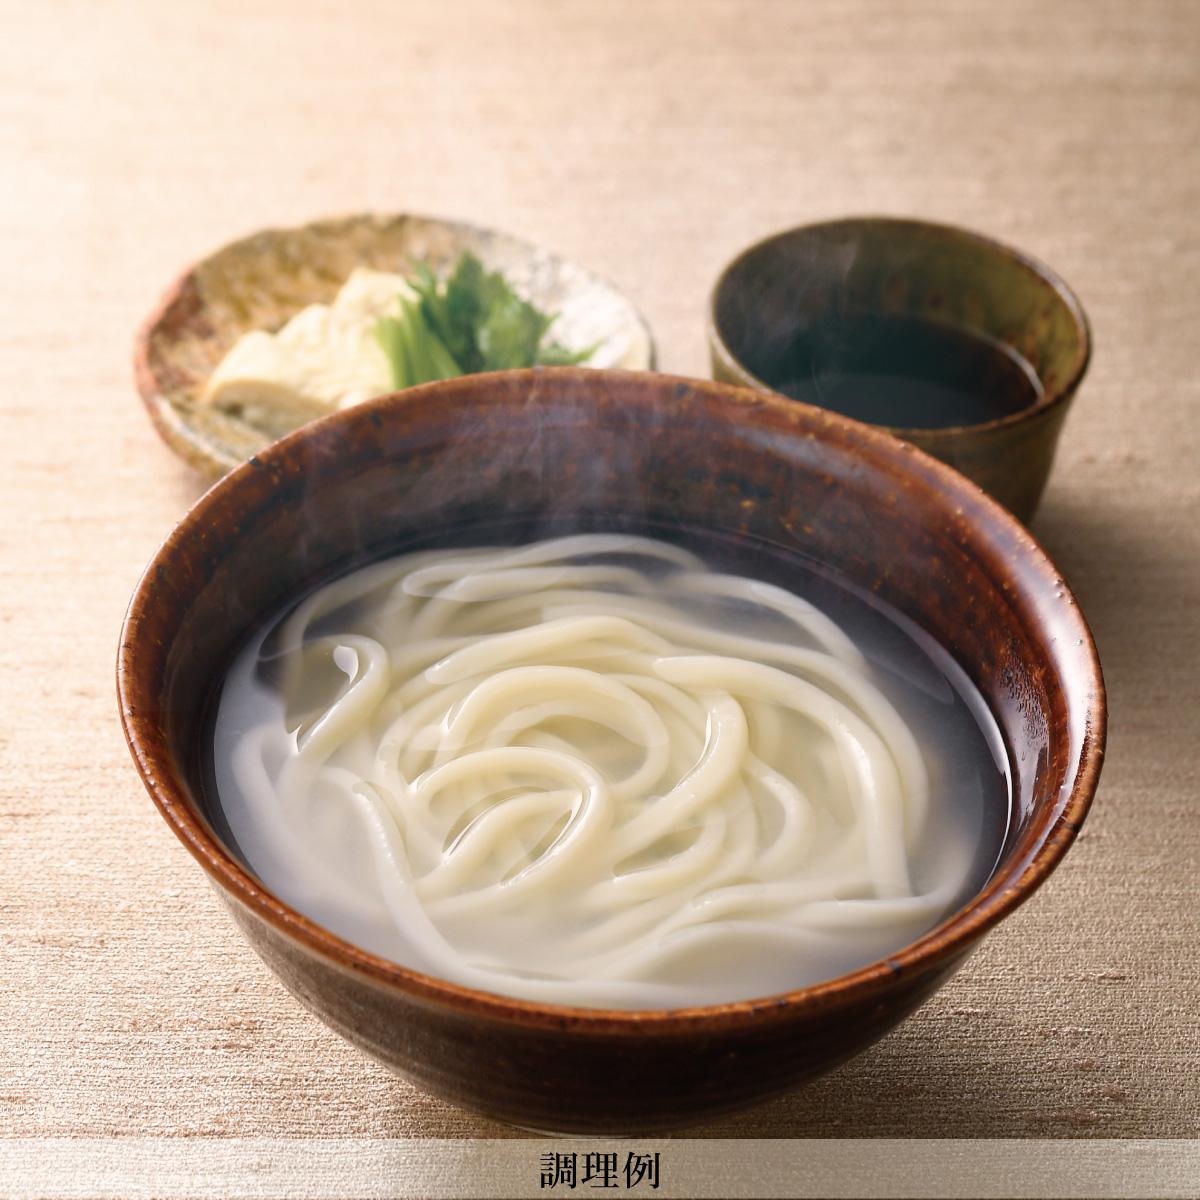 日本小麦倶楽部 半生讃岐うどん包丁切り(1袋)